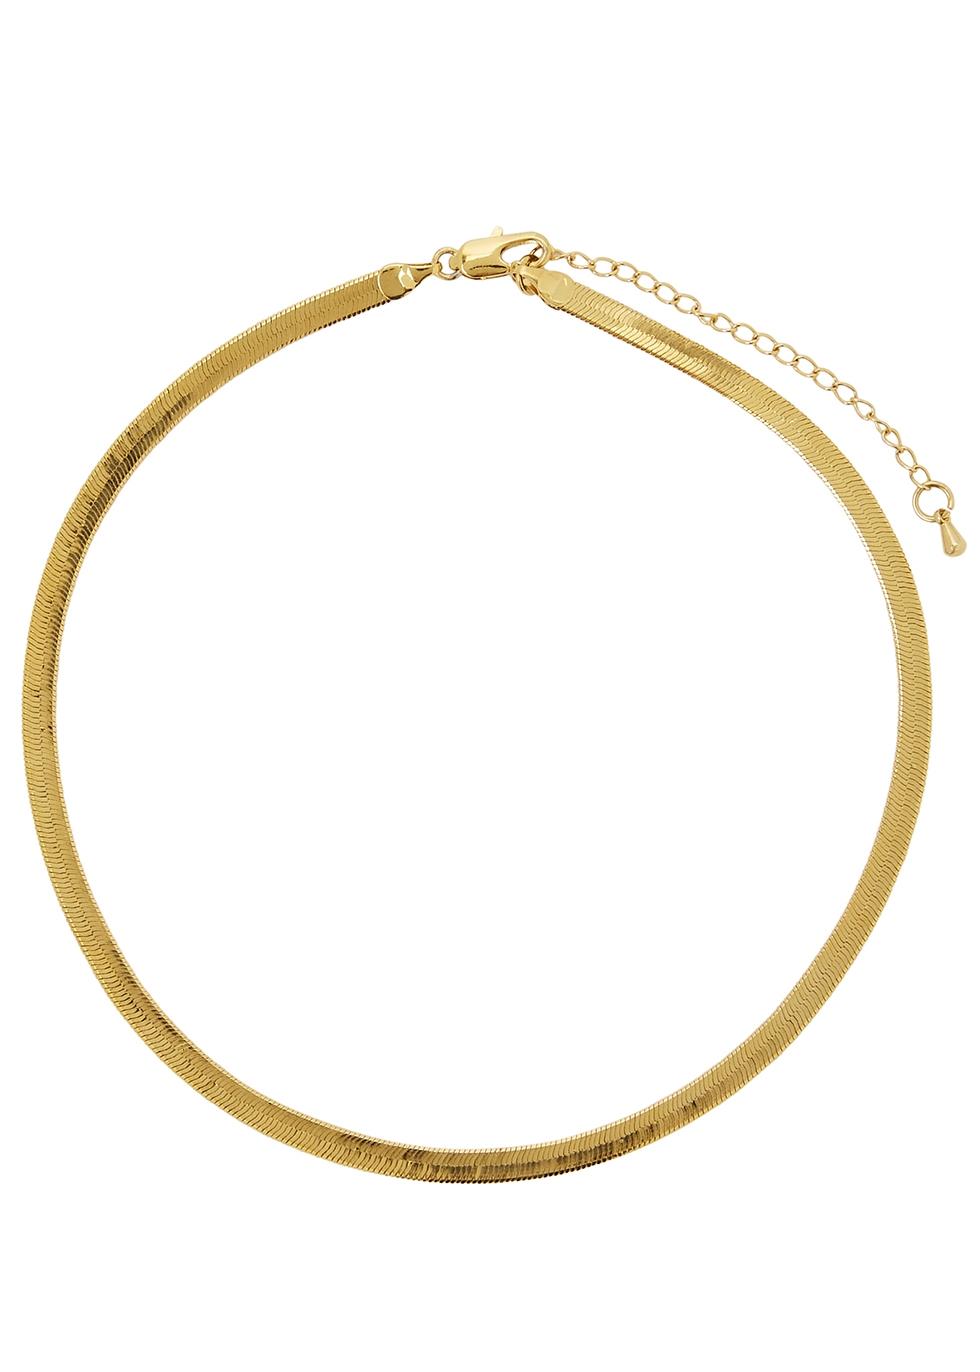 Liquid gold-plated chain choker - FALLON